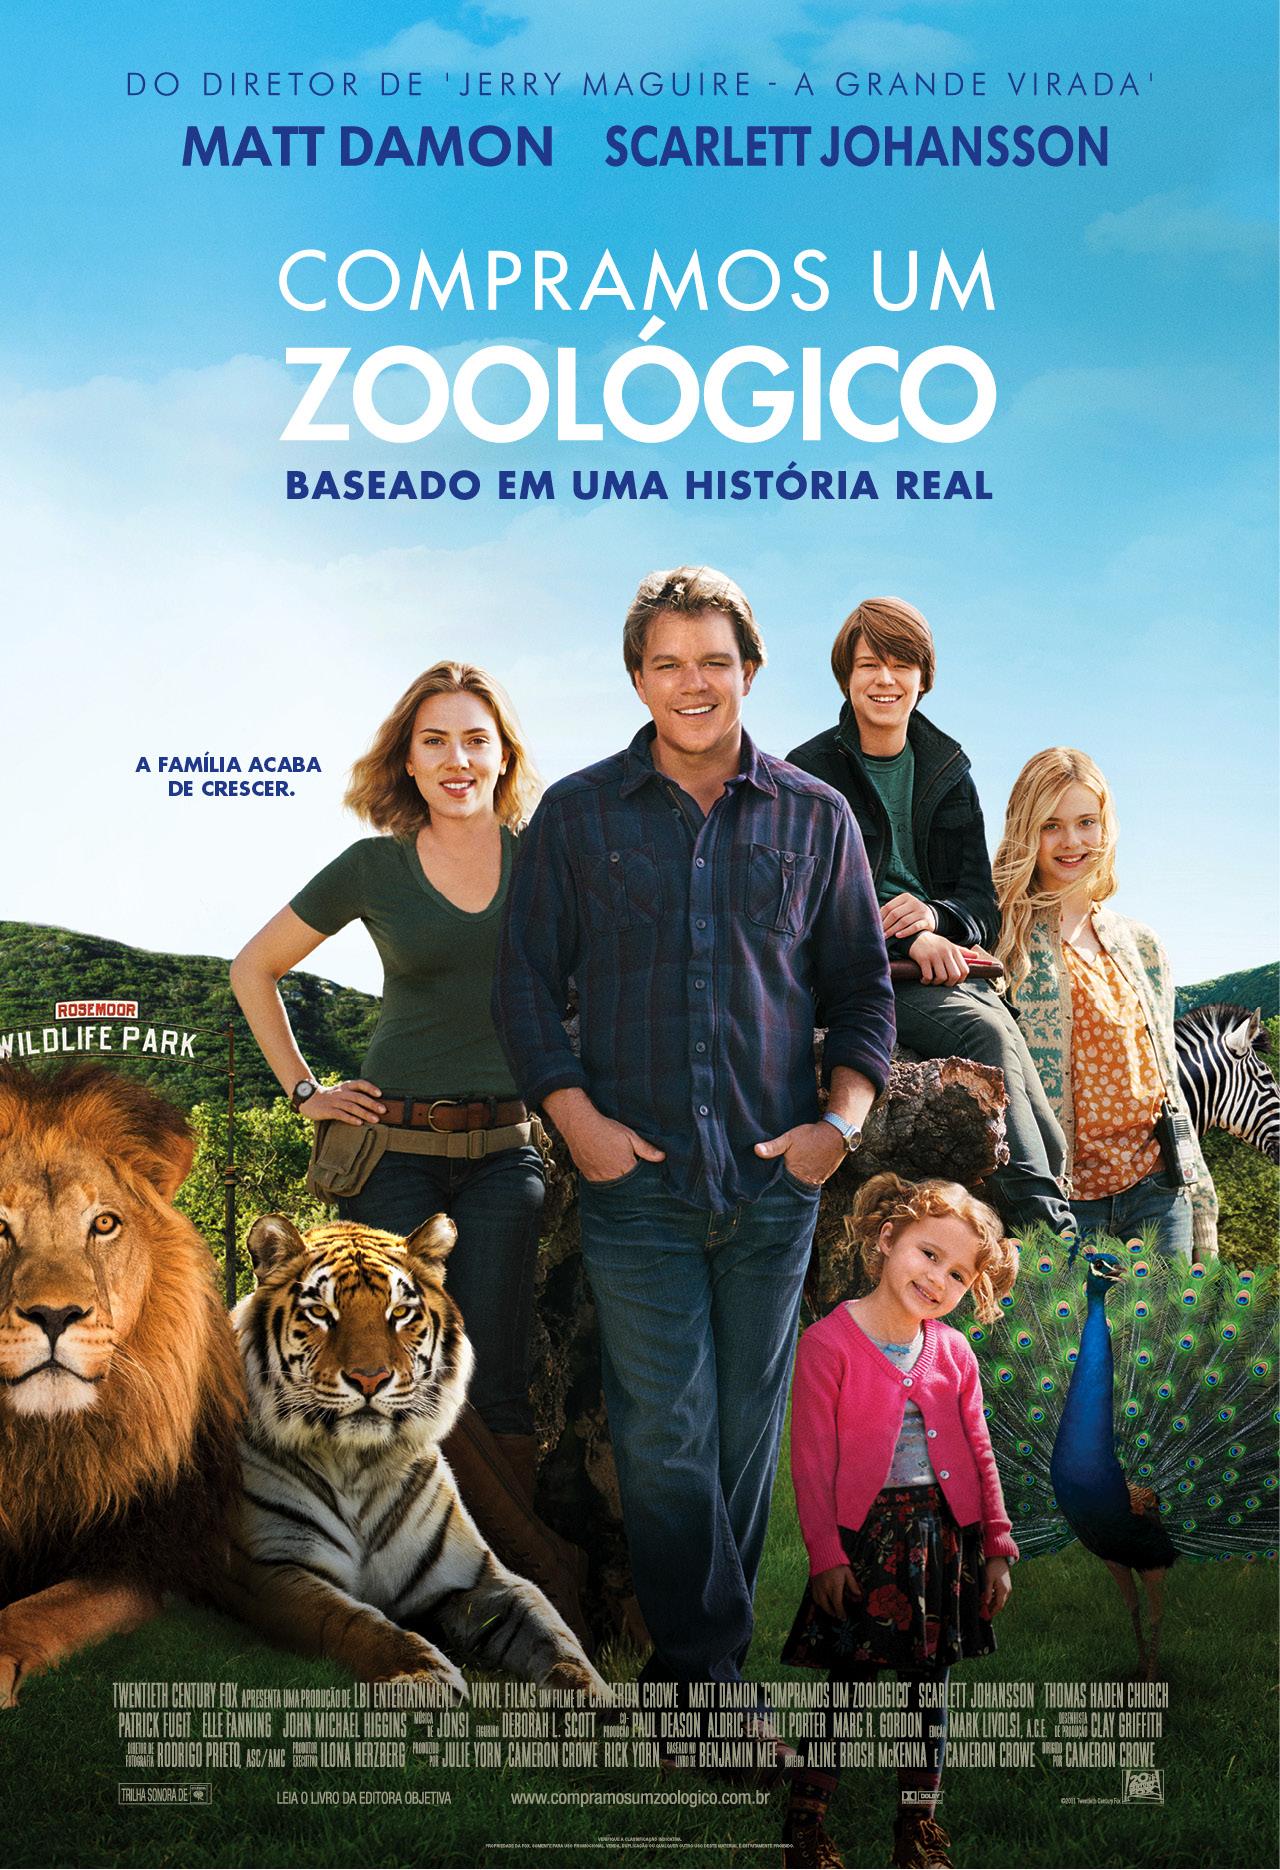 Compramos um Zoológico - Filme da Sessão da Tarde